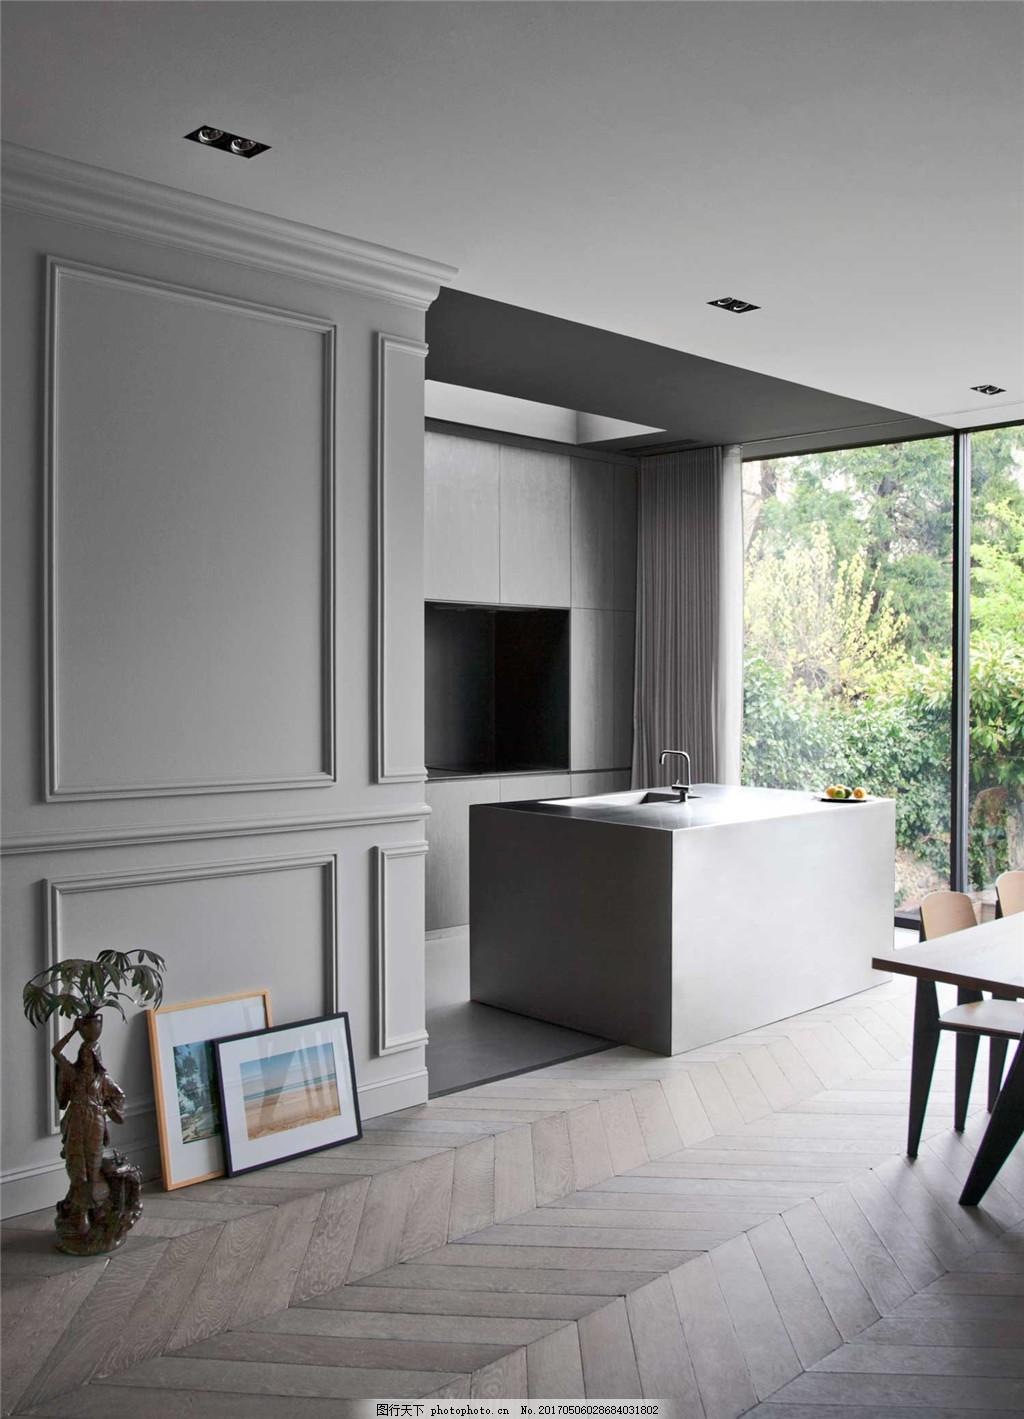 现代客厅简装效果图 室内设计 家装效果图 现代装修效果图 时尚 奢华